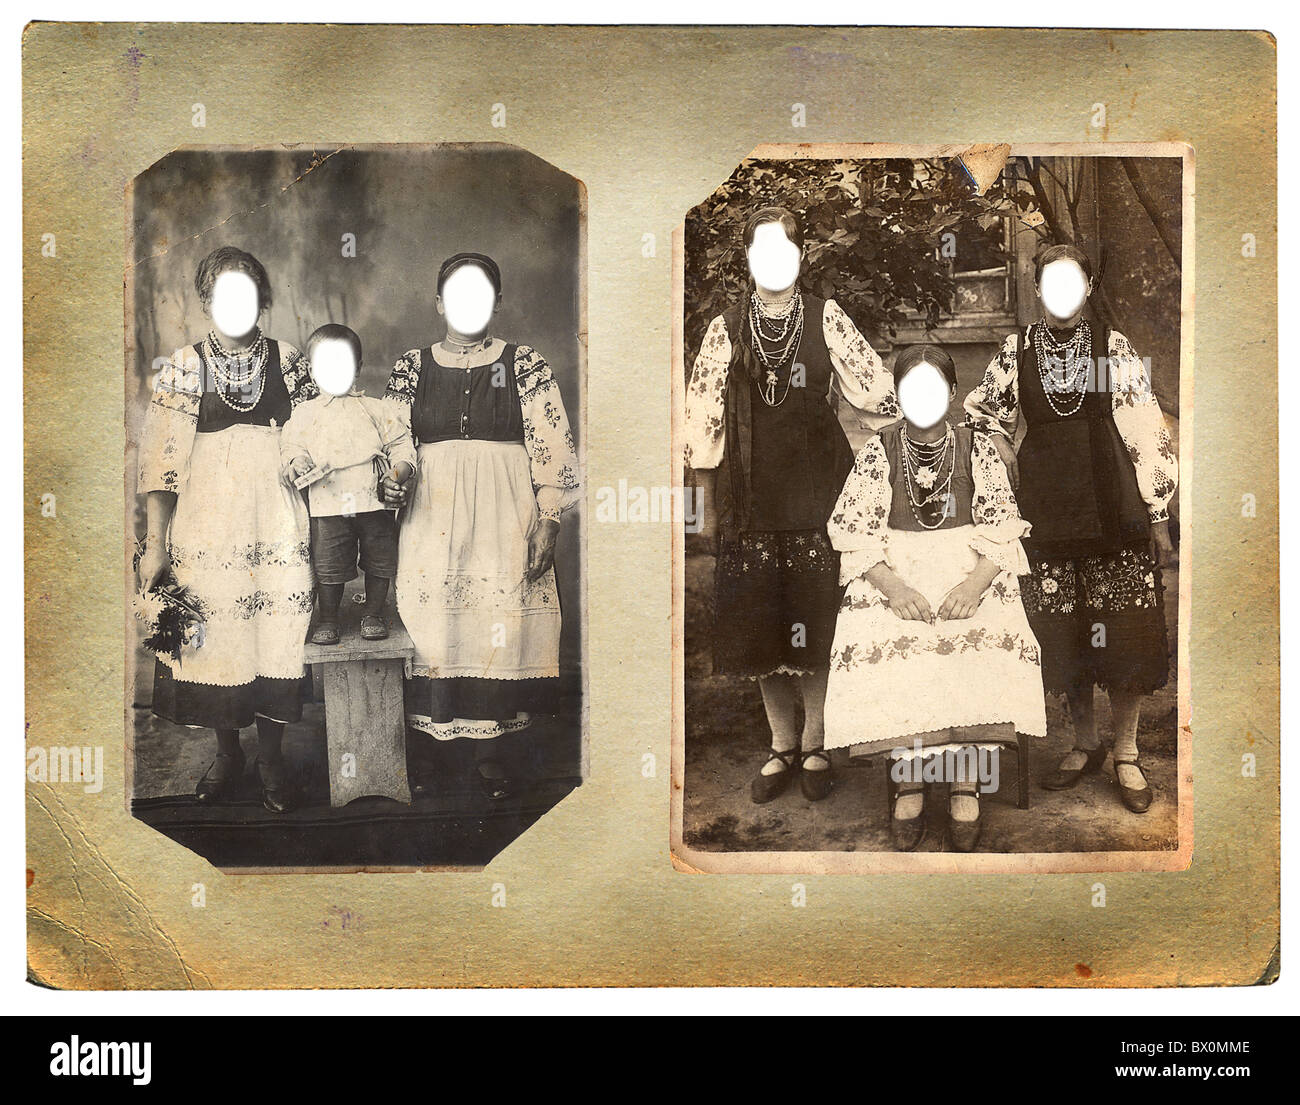 Retro-Foto von Frauen. Gesichter geklont. Sie können den Rahmen oder ...